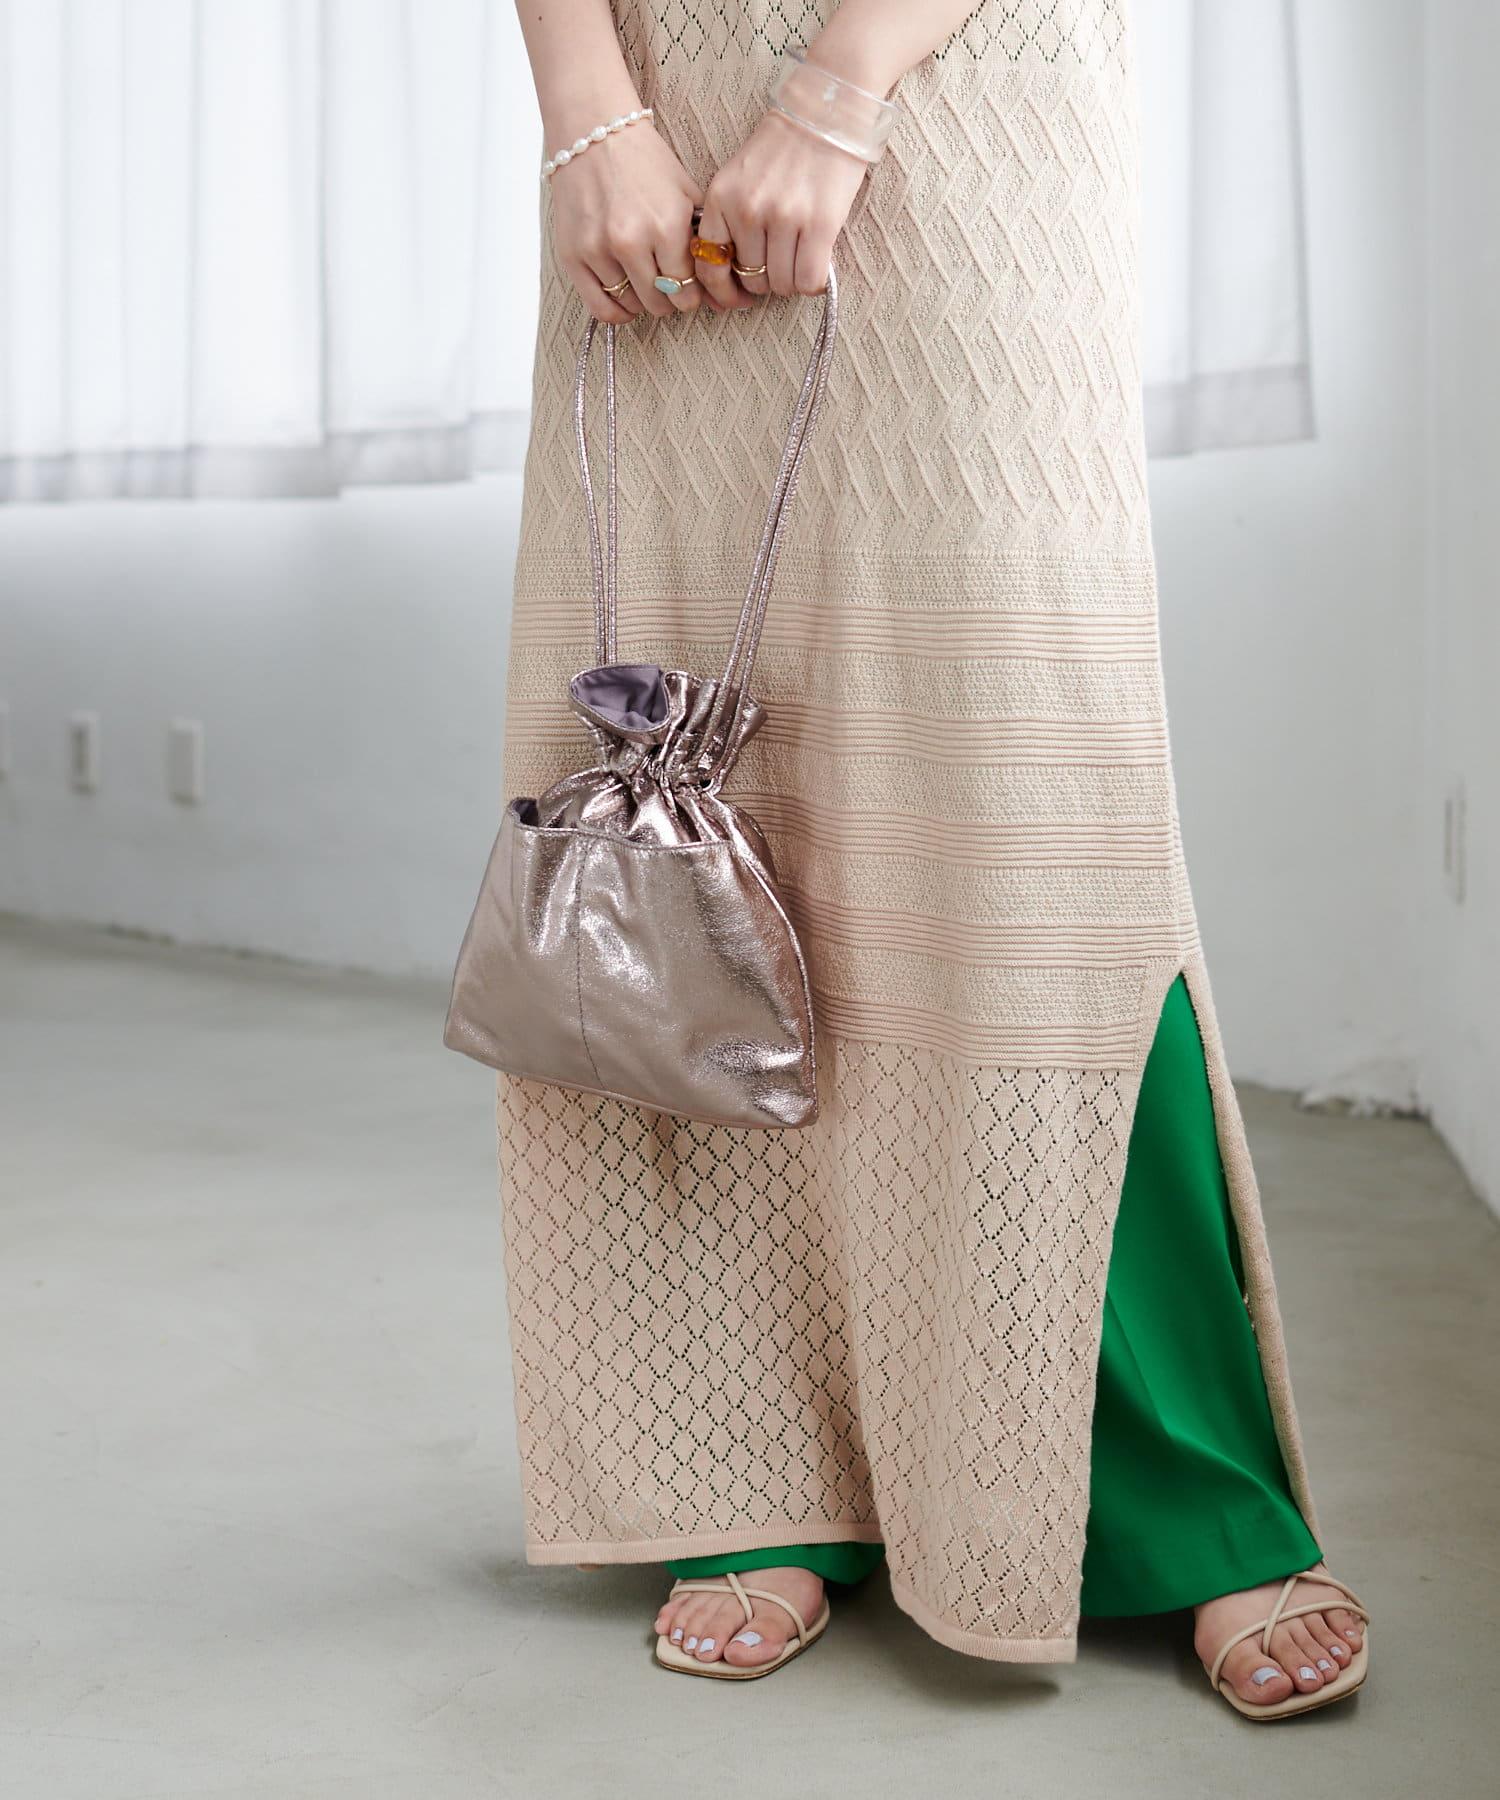 Discoat(ディスコート) メタリック巾着トートバッグ《WEB限定カラーあり》